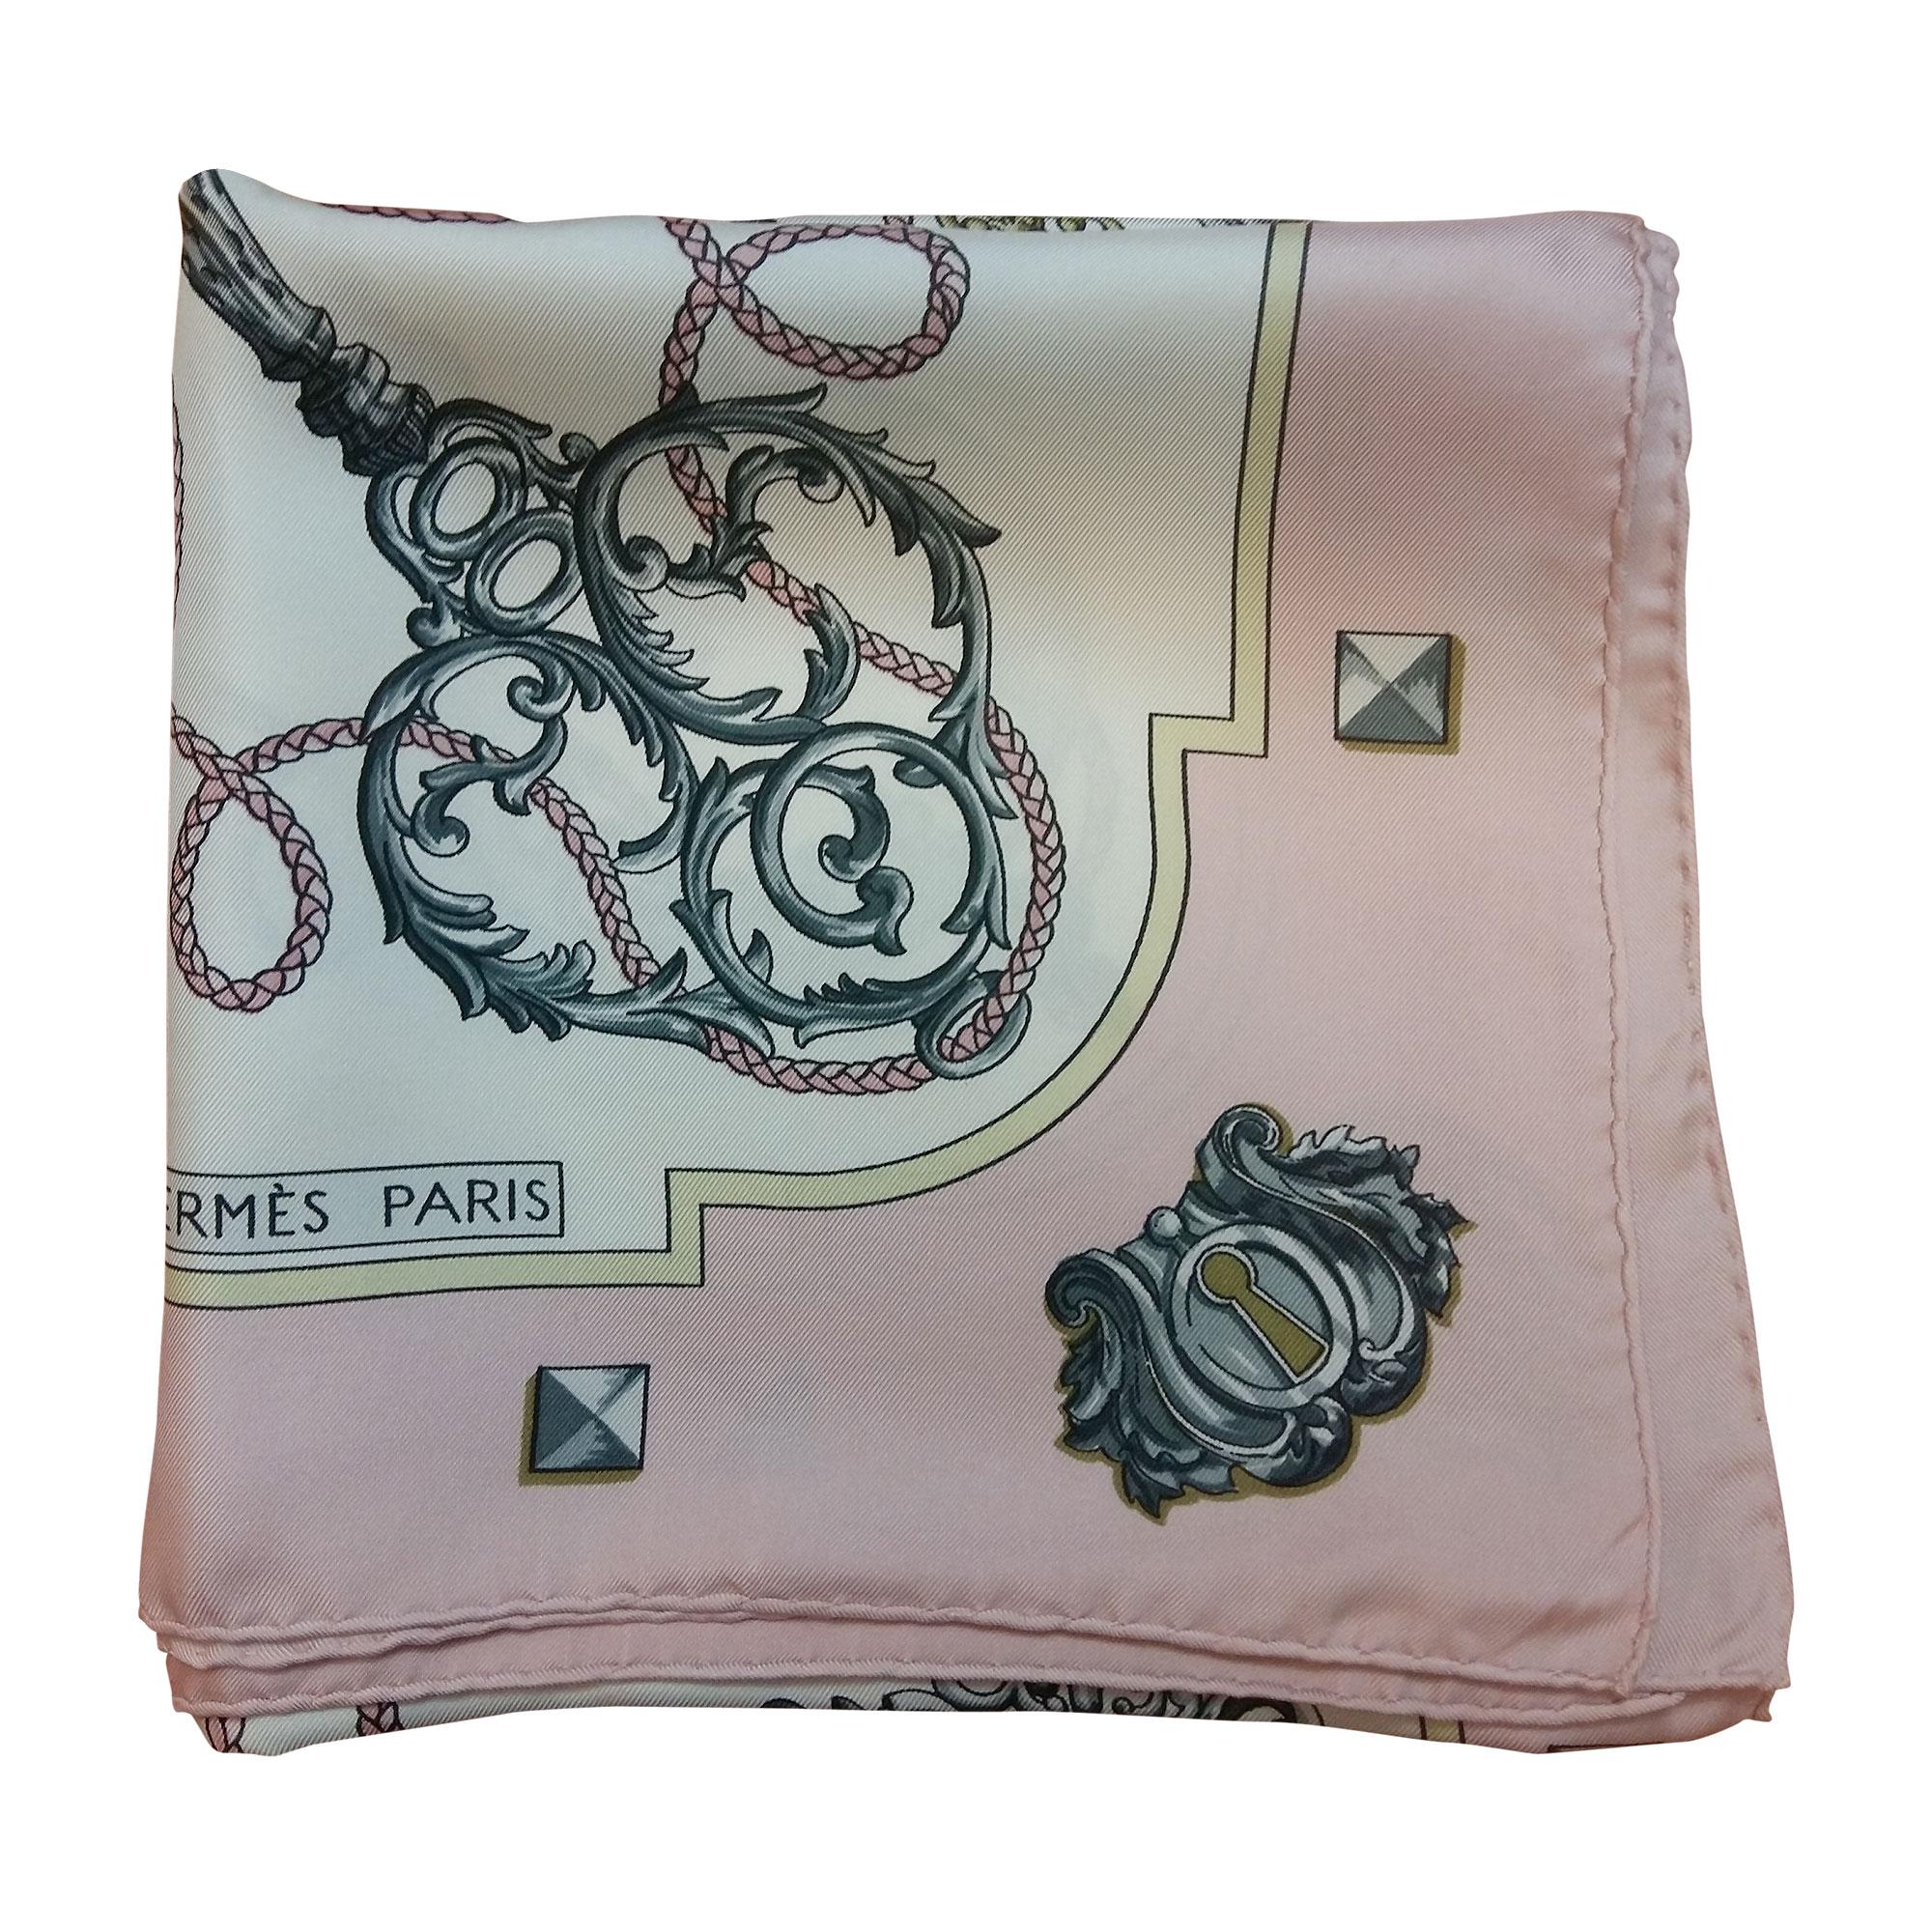 9b93121c26 Foulard HERMÈS rose vendu par Cécile de quoi de 9 - 4518762